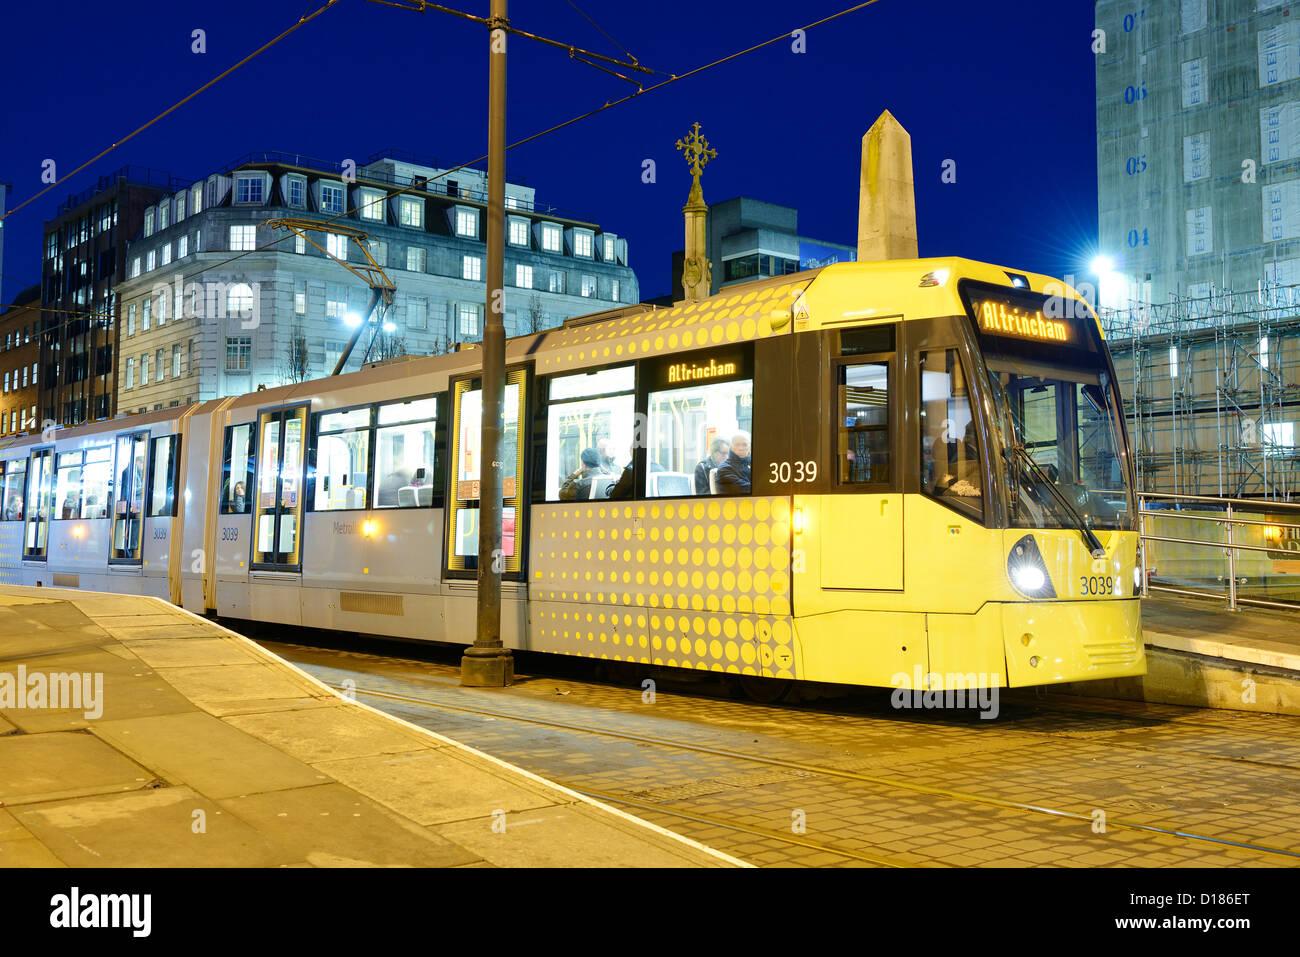 Manchester Metrolink tram at night - Stock Image